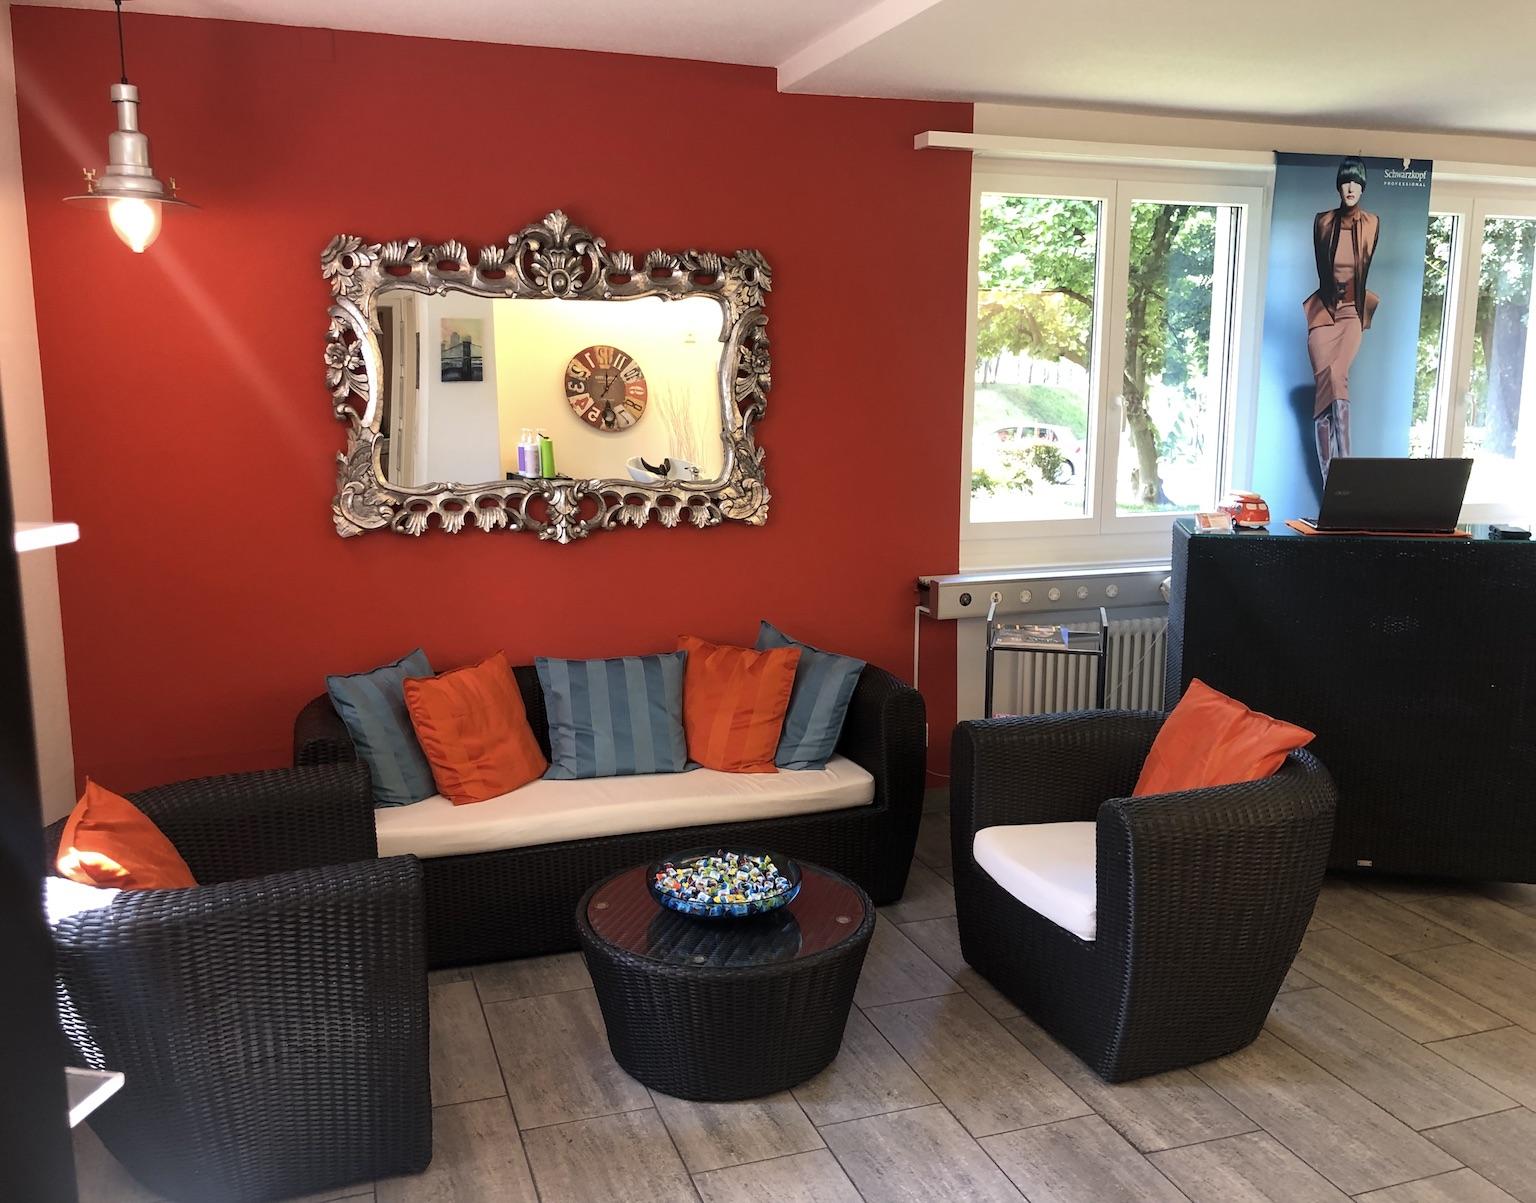 Pflegeprodukte - Coiffeur und Hairstyling Lounge 2